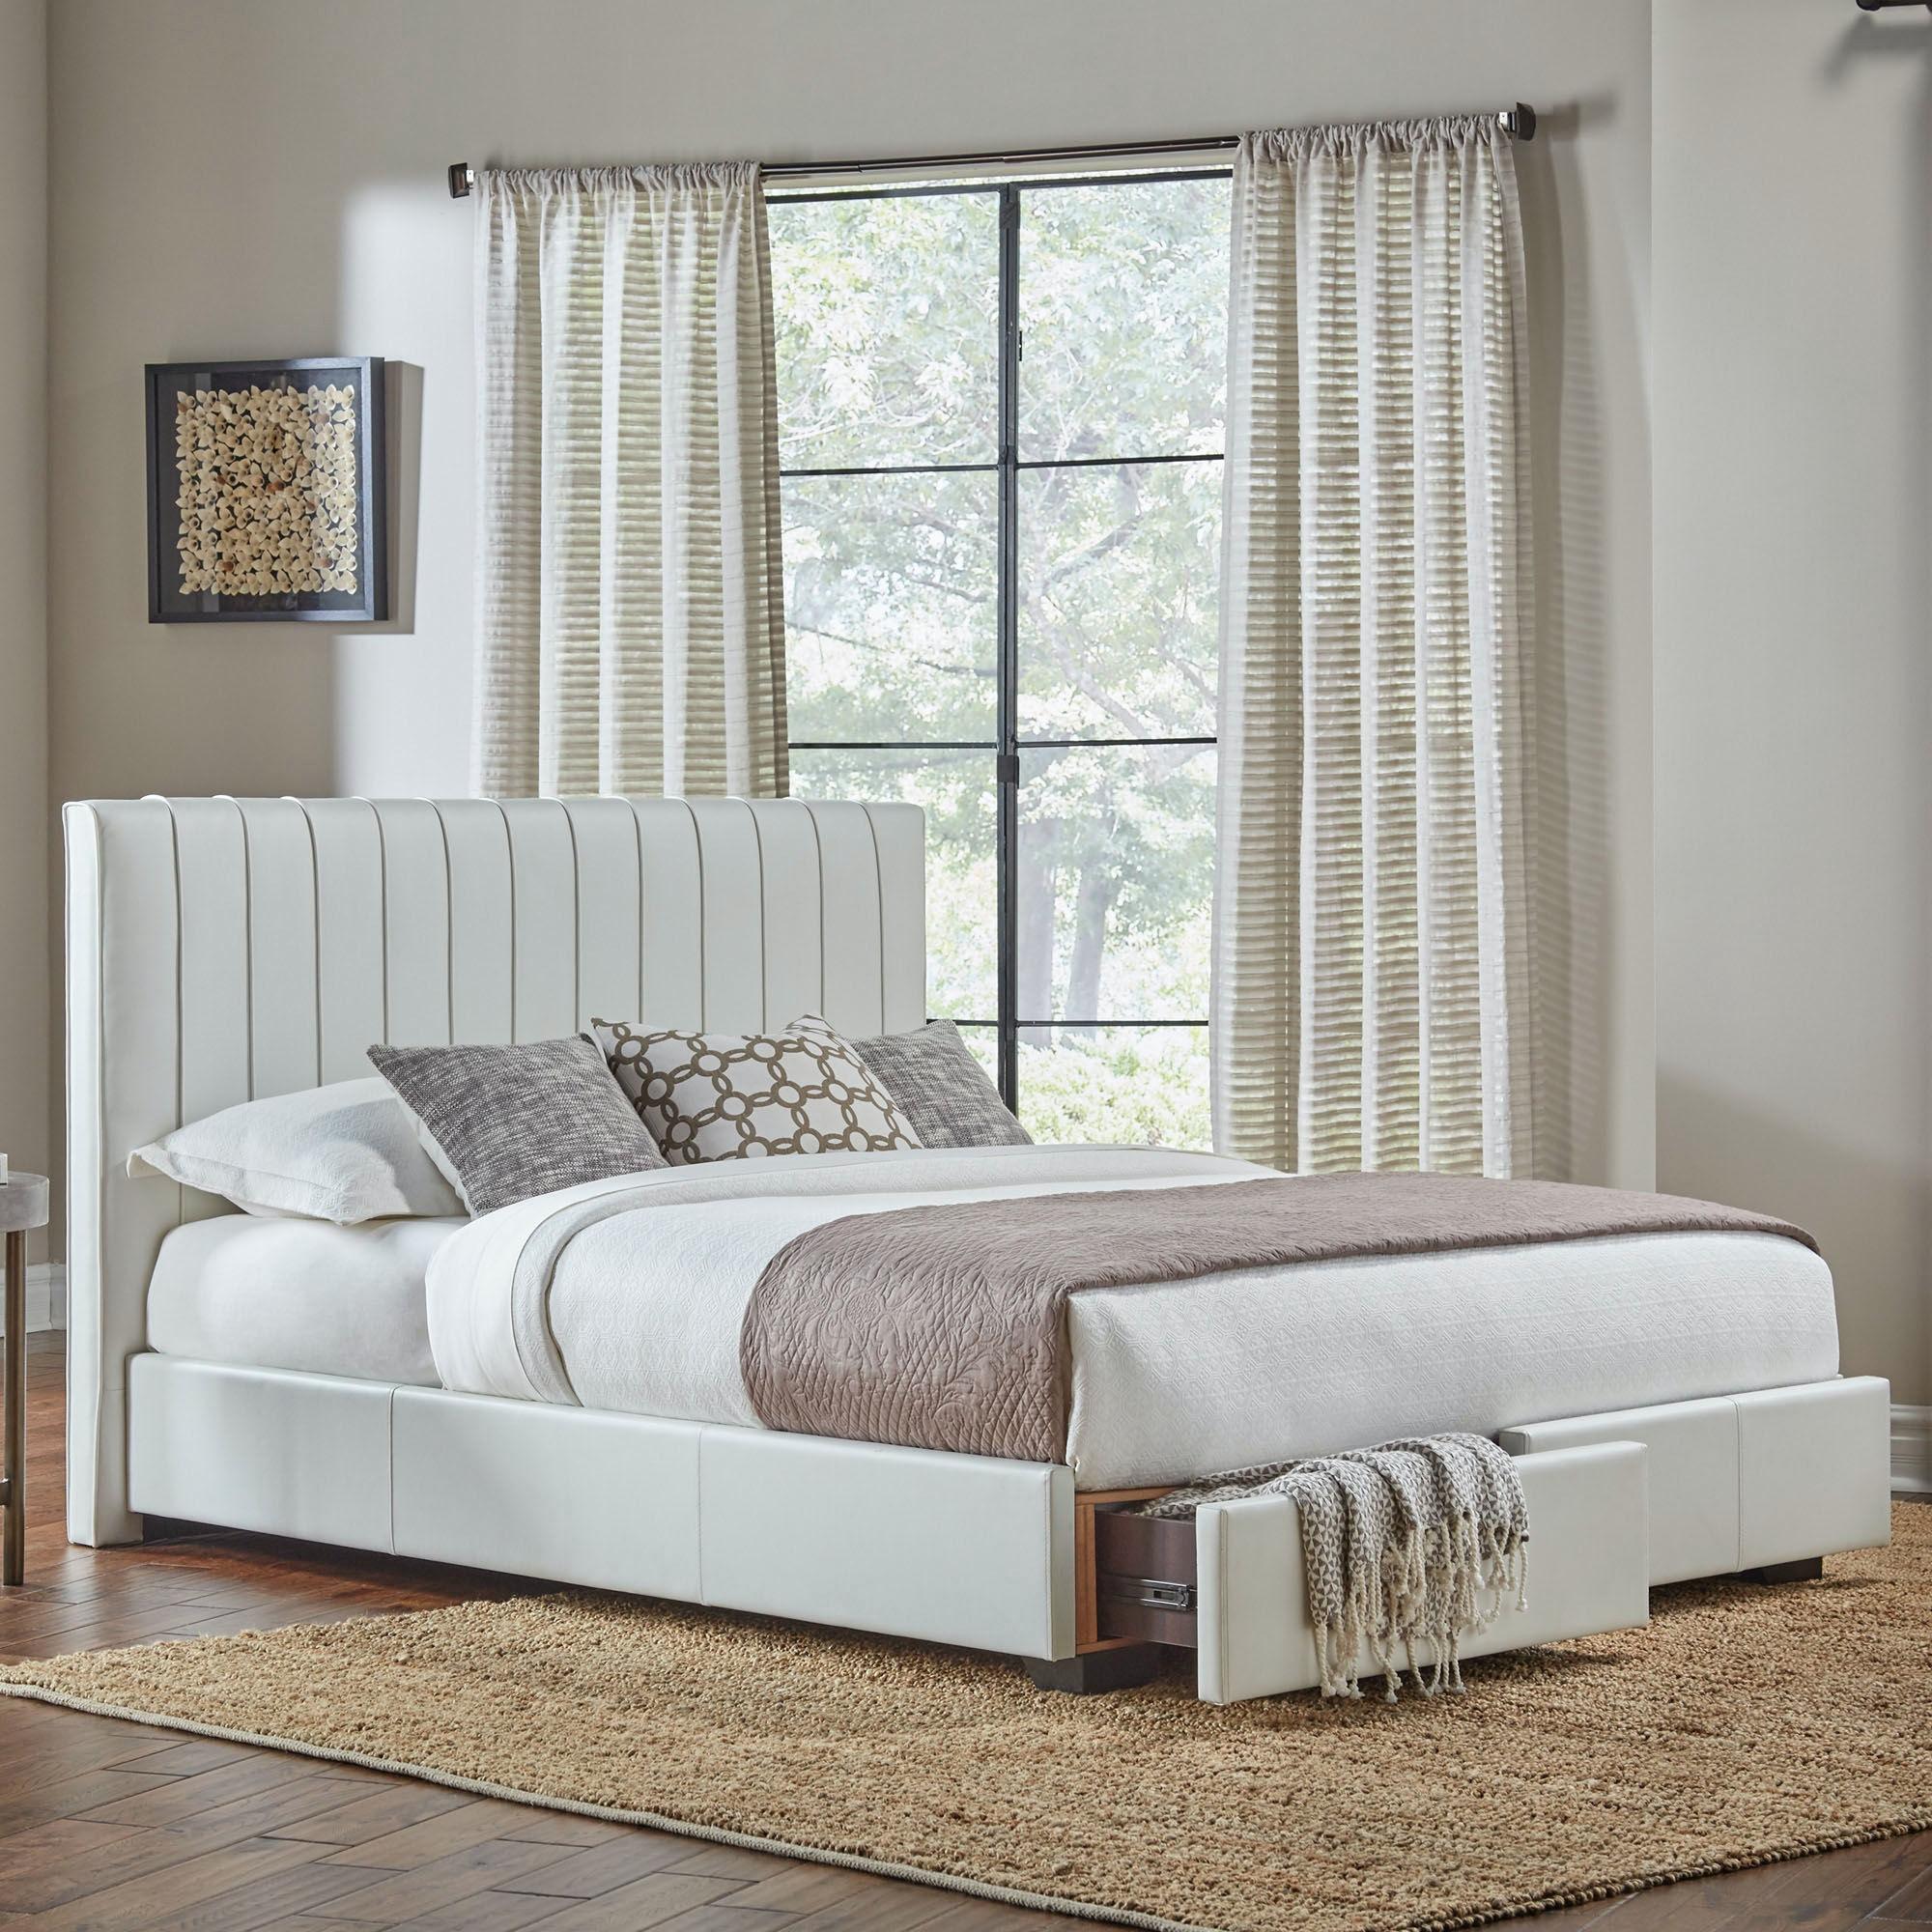 Fashion Bed Group Bedroom Delaney Storage Bed